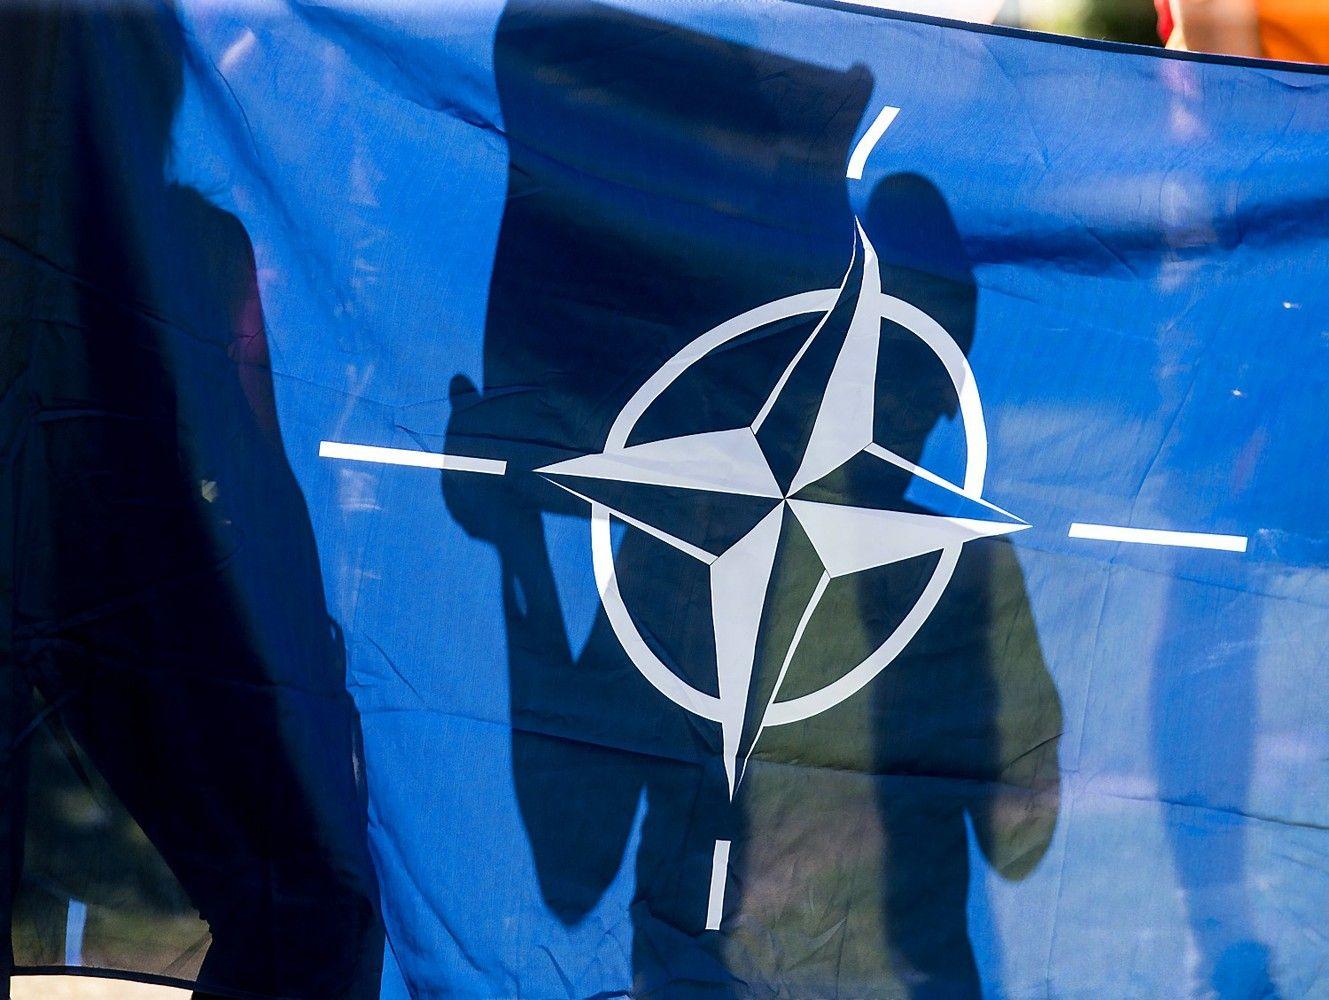 Mokys bendroves dalyvauti tarptautiniuose gynybos pirkimuose